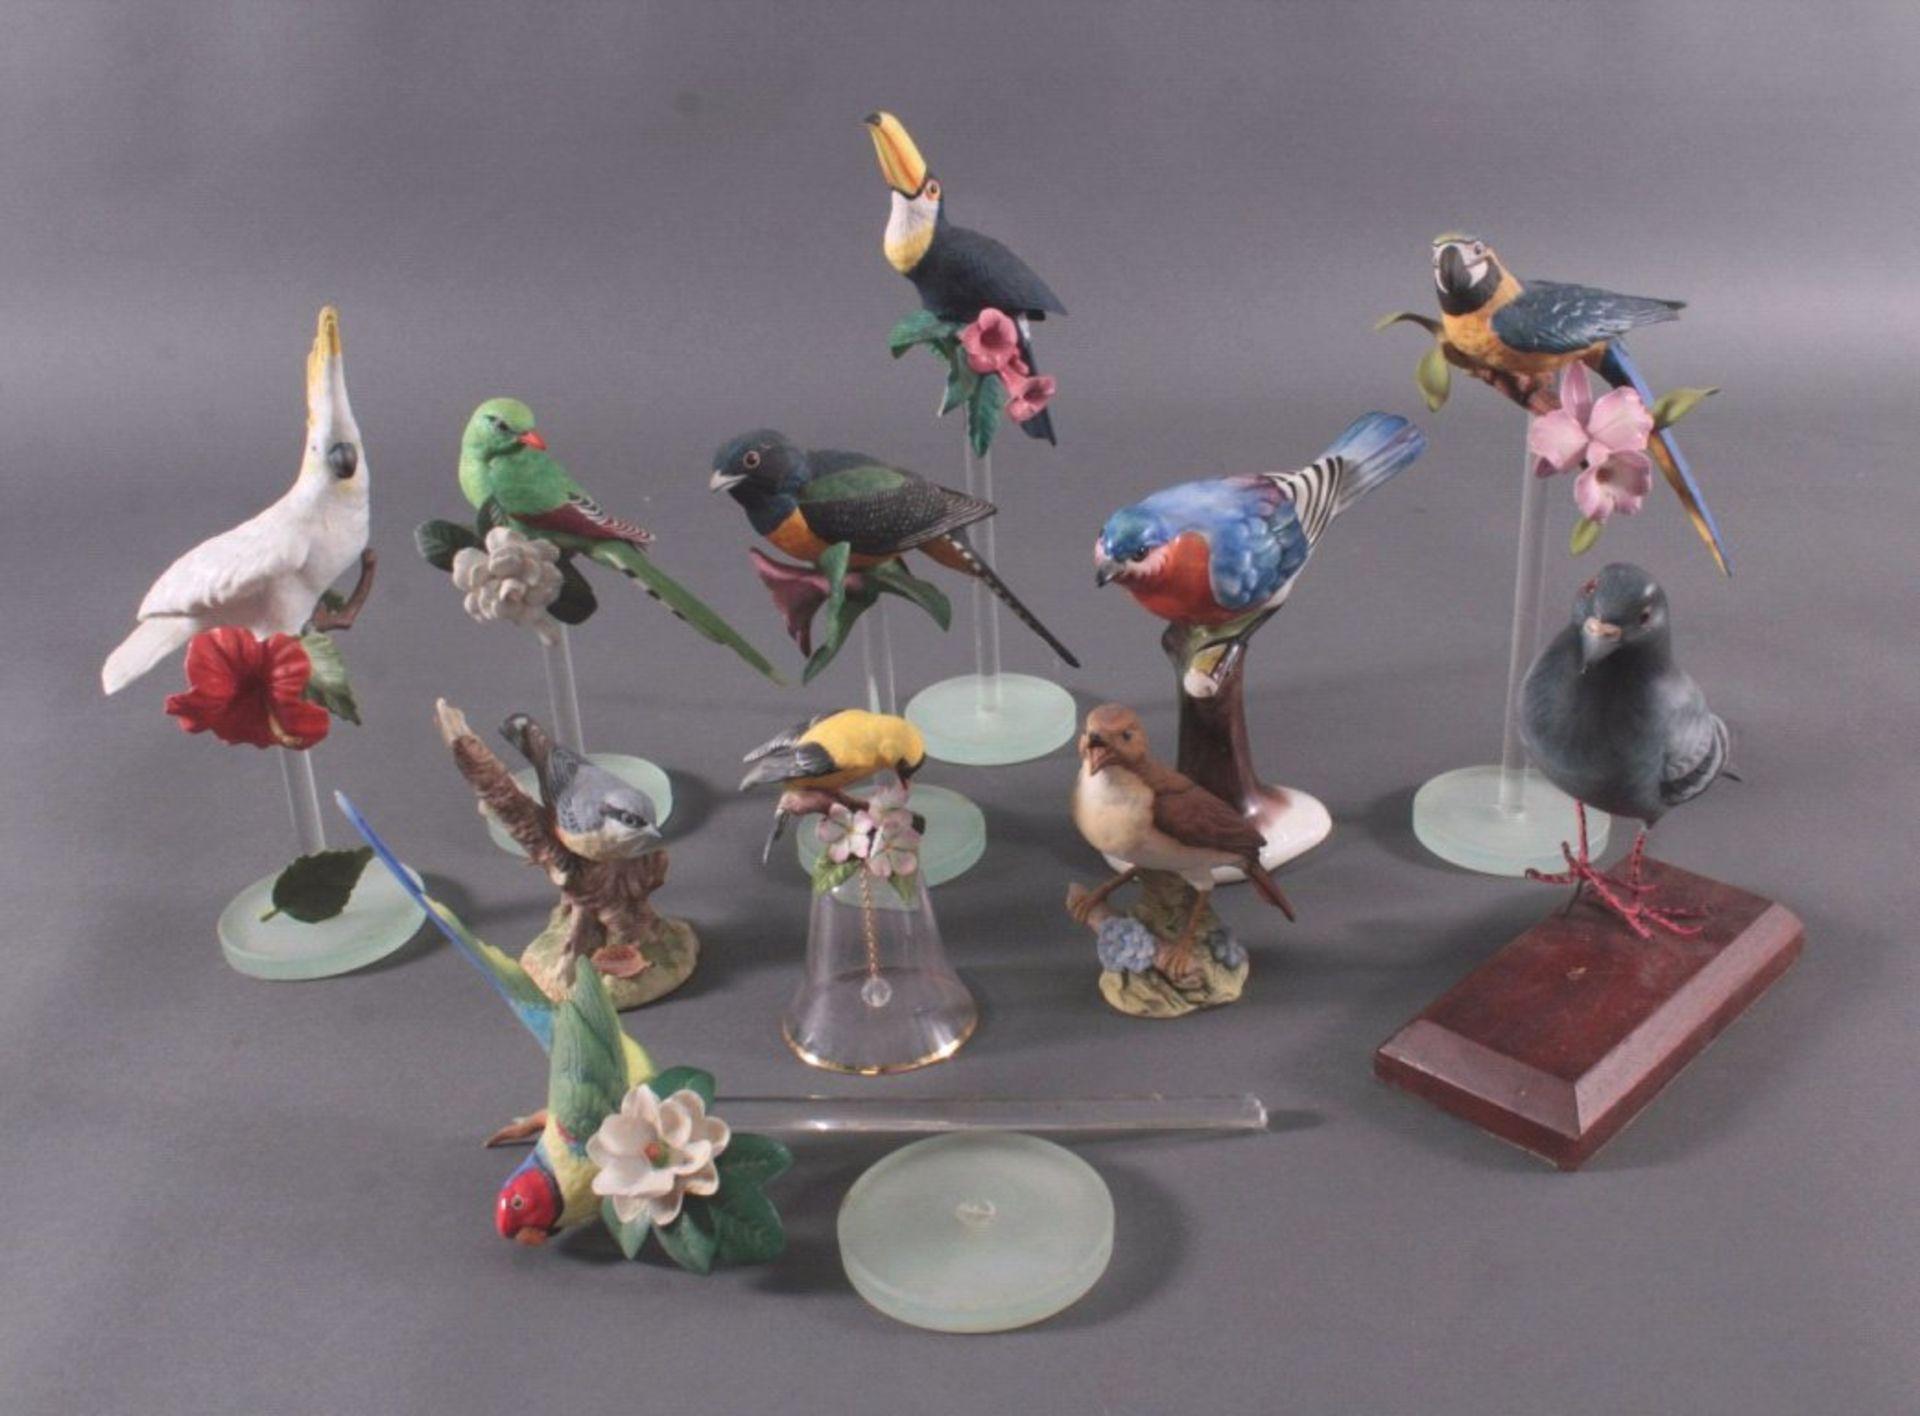 Vogel-FigurenBiskuitporzellan, Naturalistisch gearbeitete und staffierteVogelfiguren